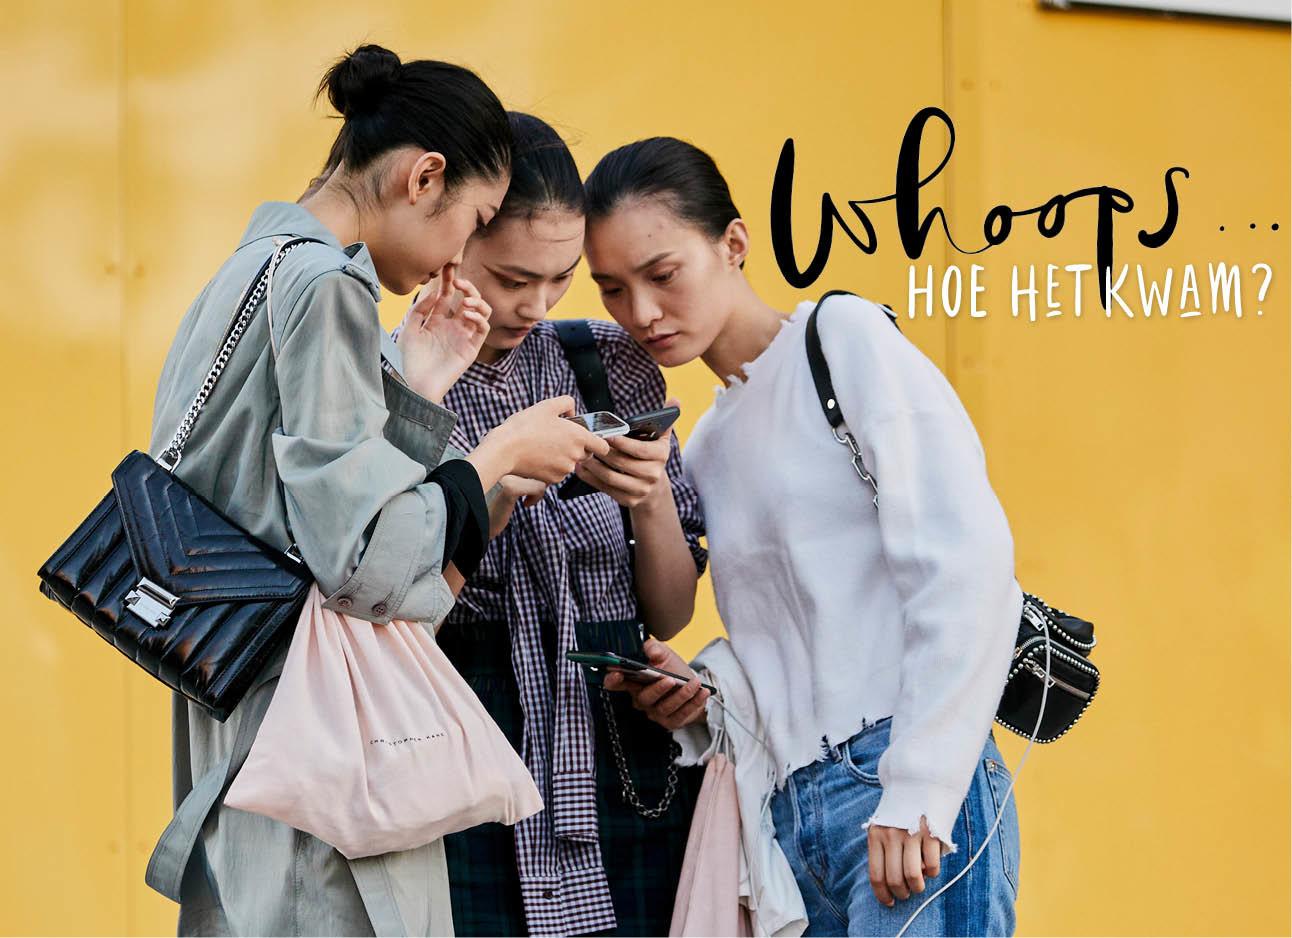 meisjes die kijken naar telefoon tijdens fashion week